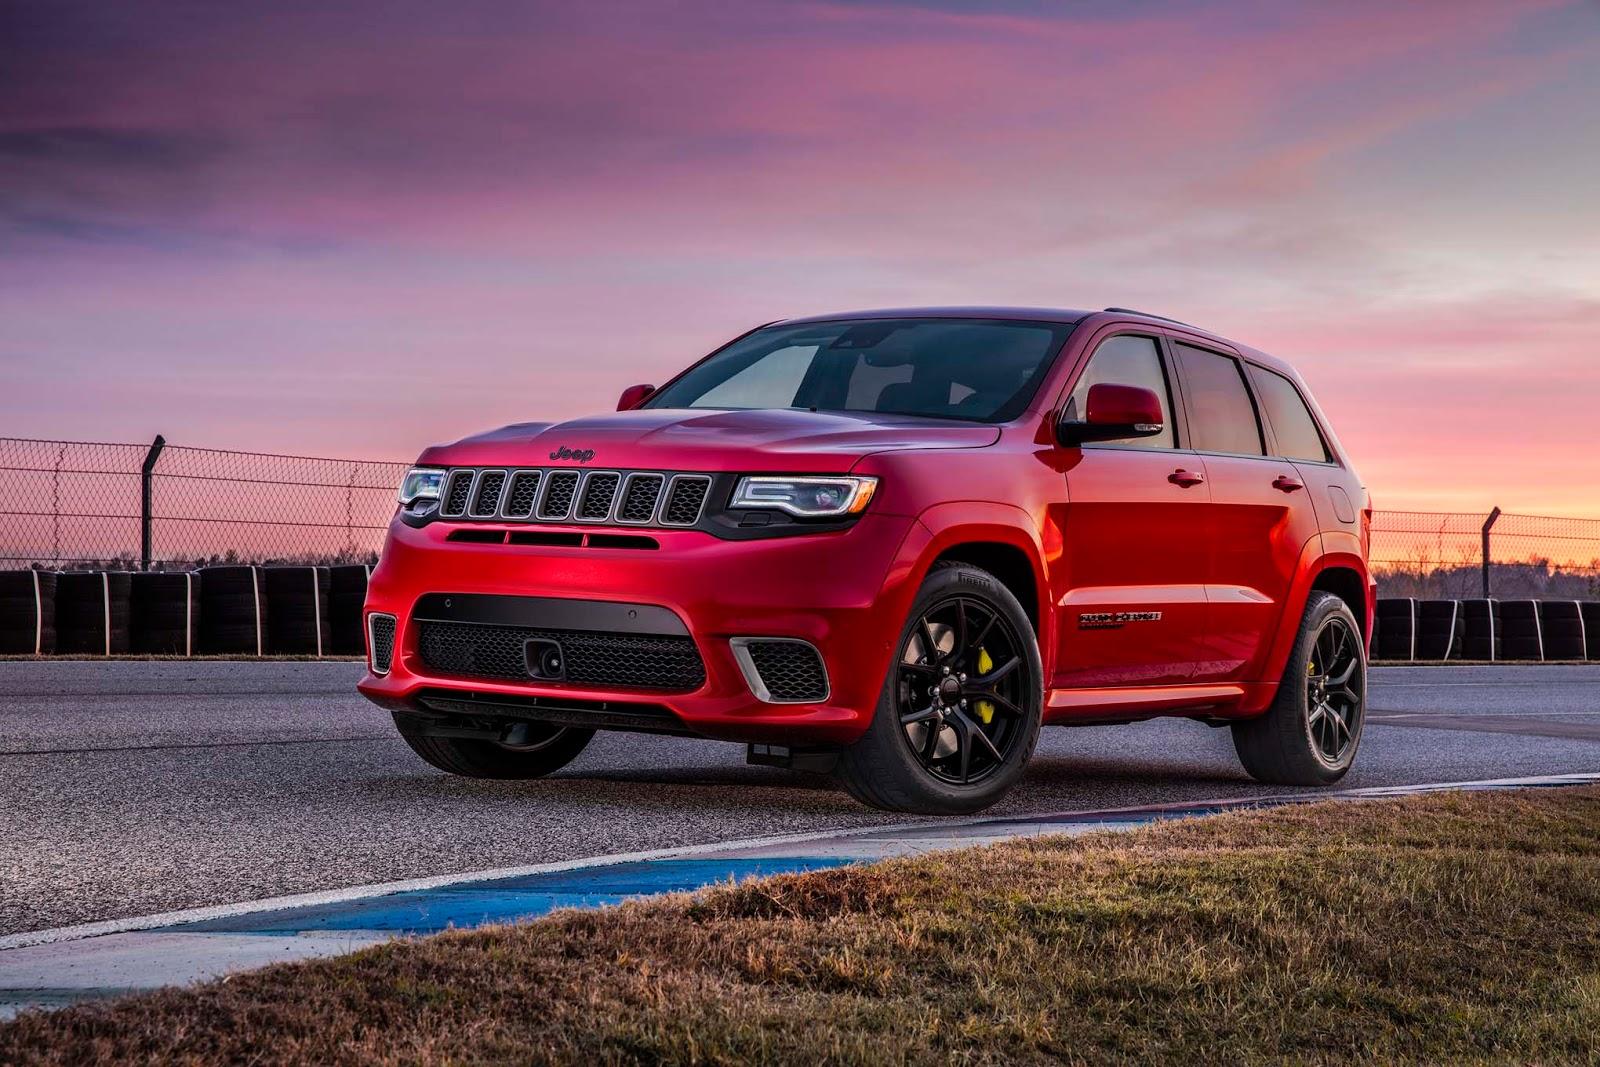 ВНью-Йорке Jeep покажет экстремальный Grand Cherokee